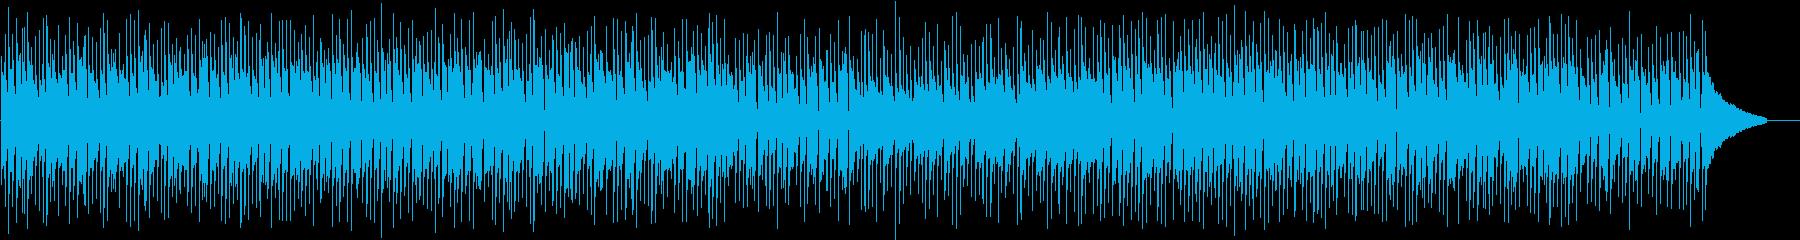 【ドラム抜】明るく軽快な和風/三味線と琴の再生済みの波形